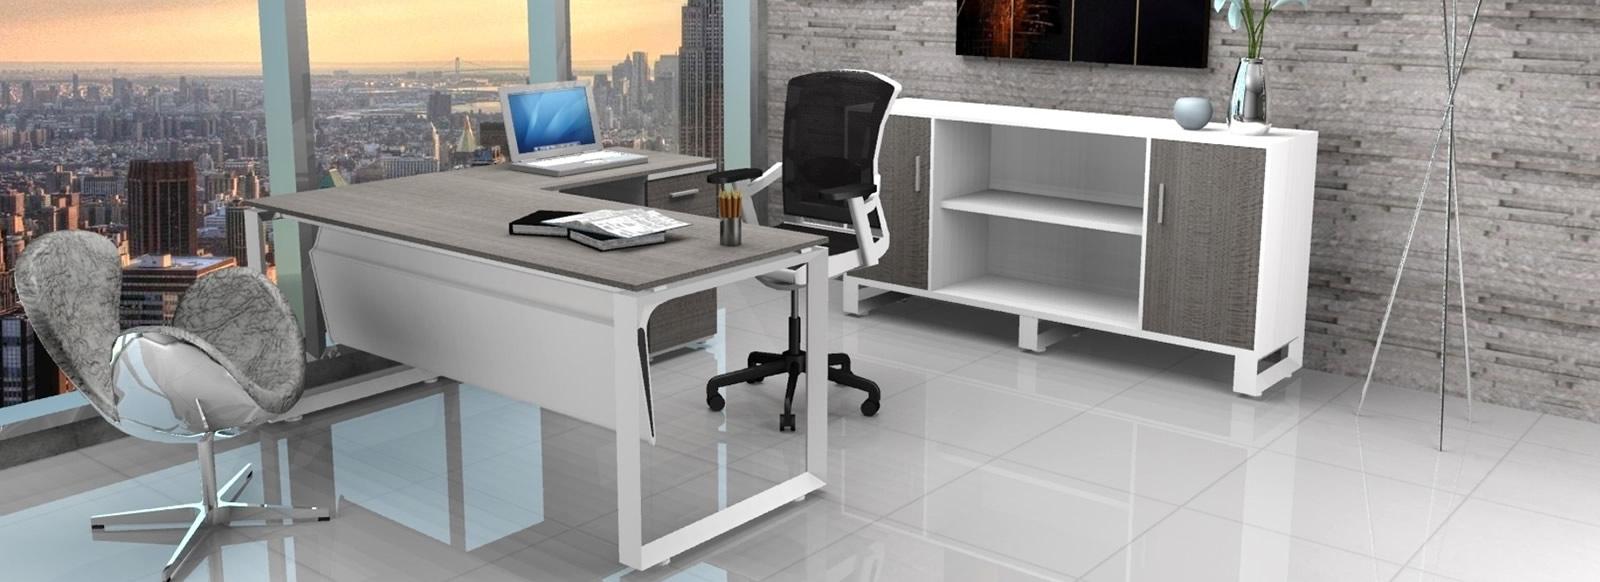 Muebles de oficina en quer taro m xico celaya cdmx for Muebles de oficina 1